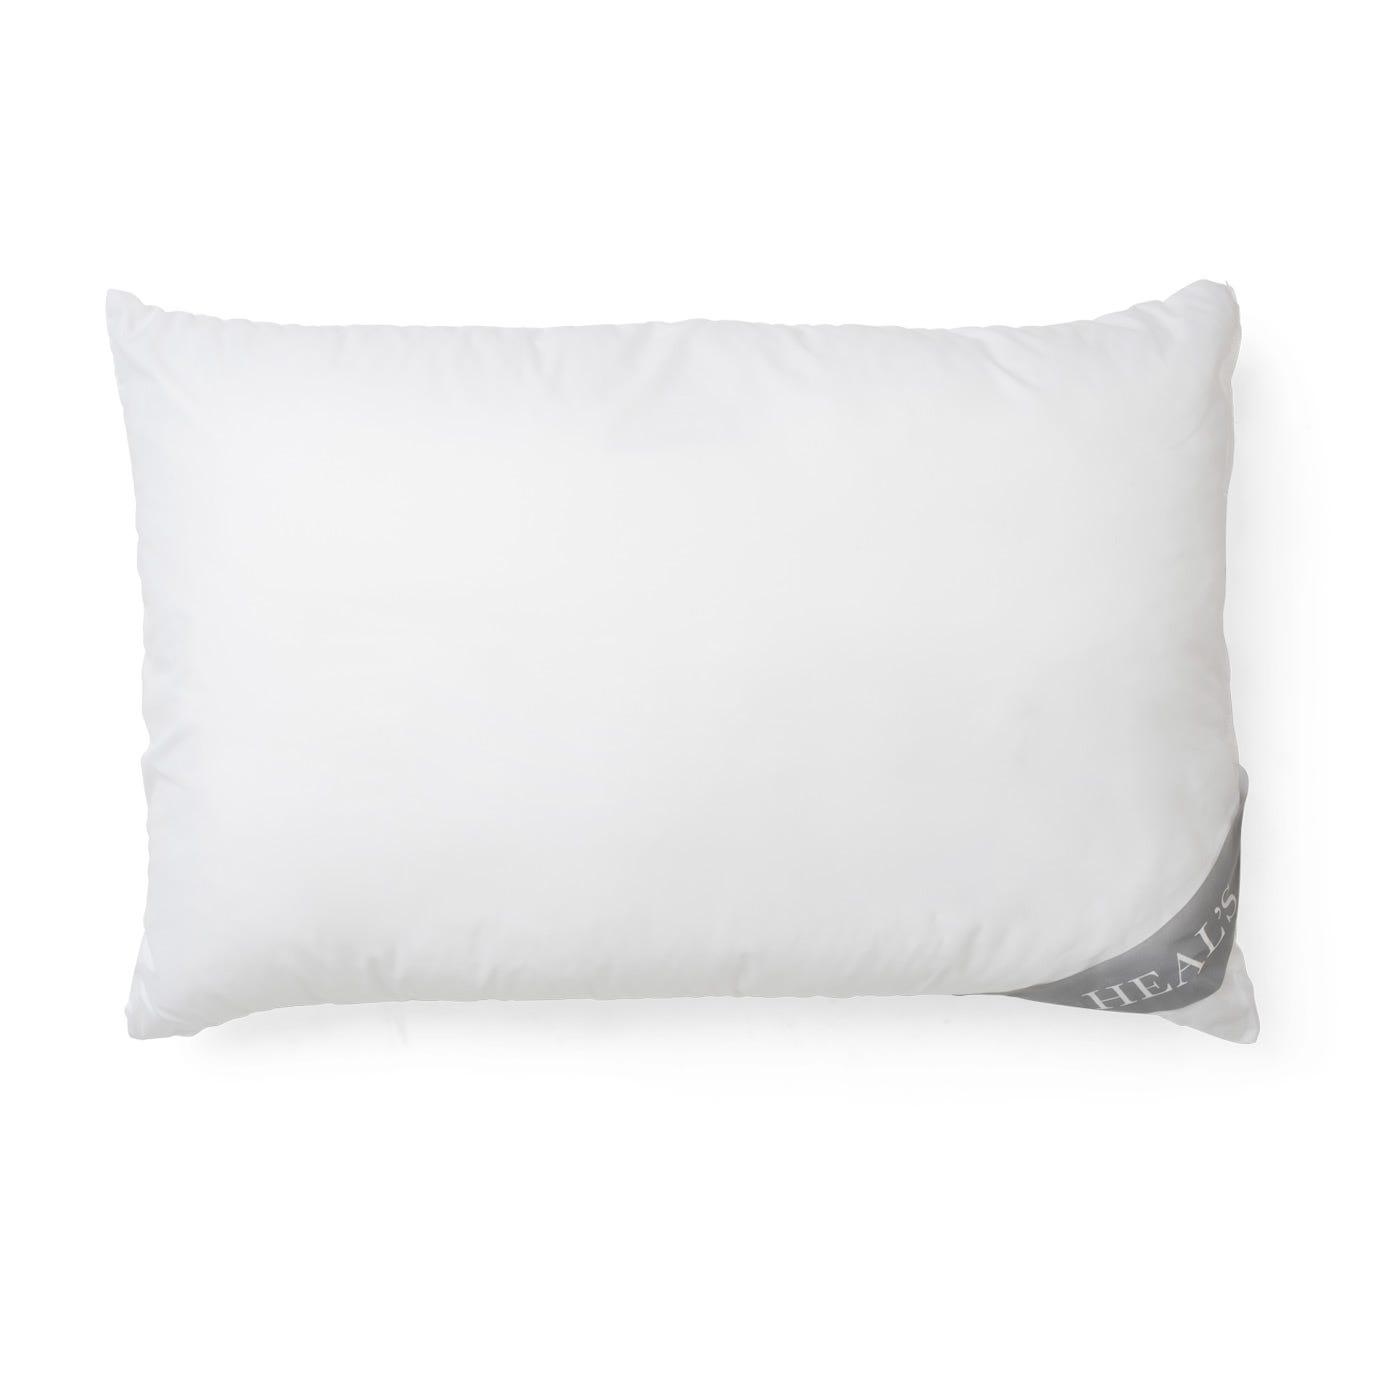 Hollowfibre Standard Pillow